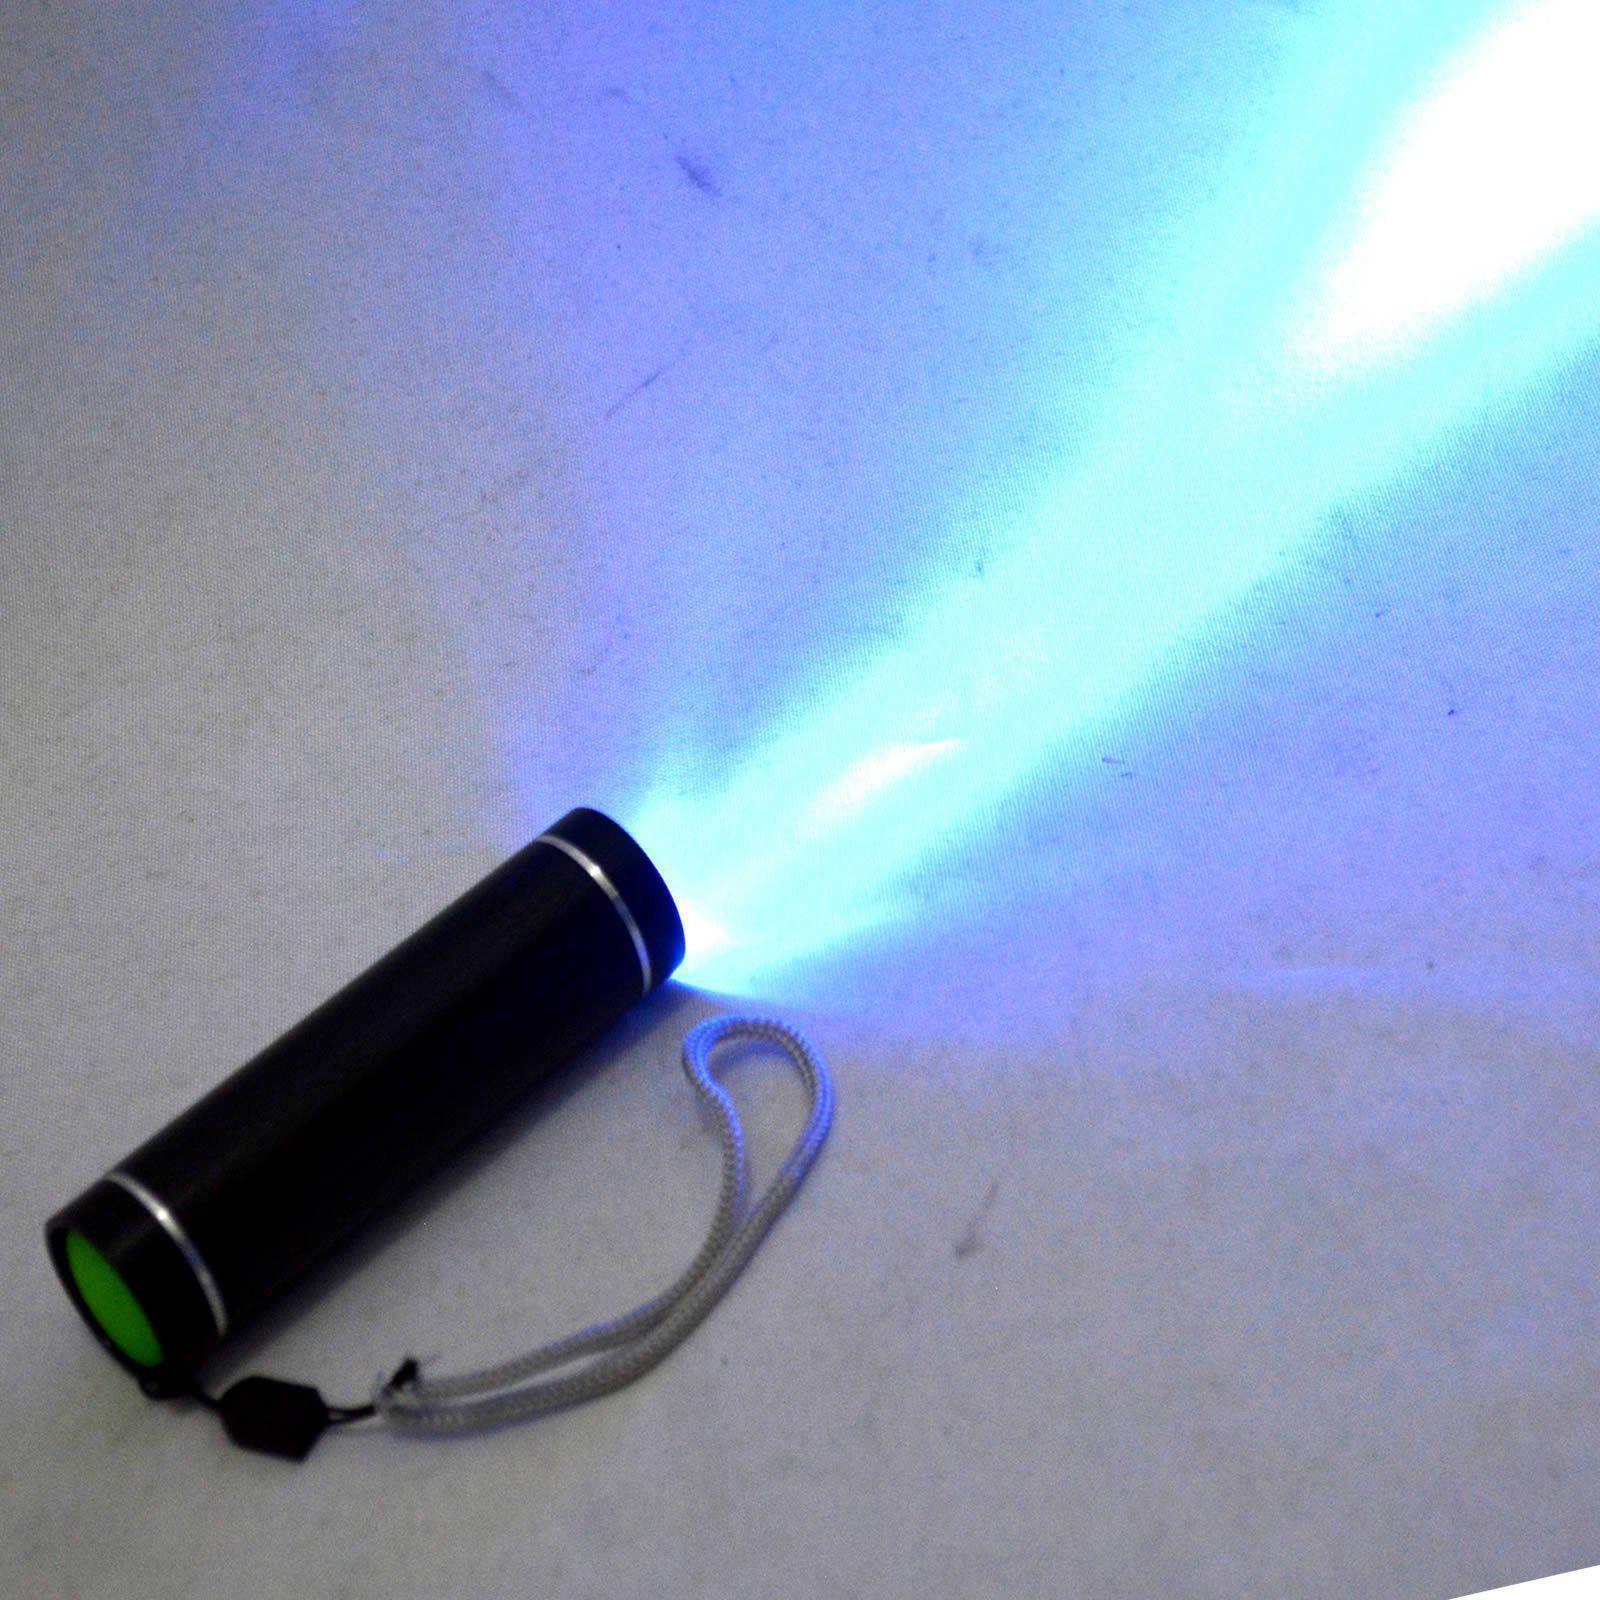 Detector de Dinheiro Falso Escorpião Portátil Preto CBRN07233